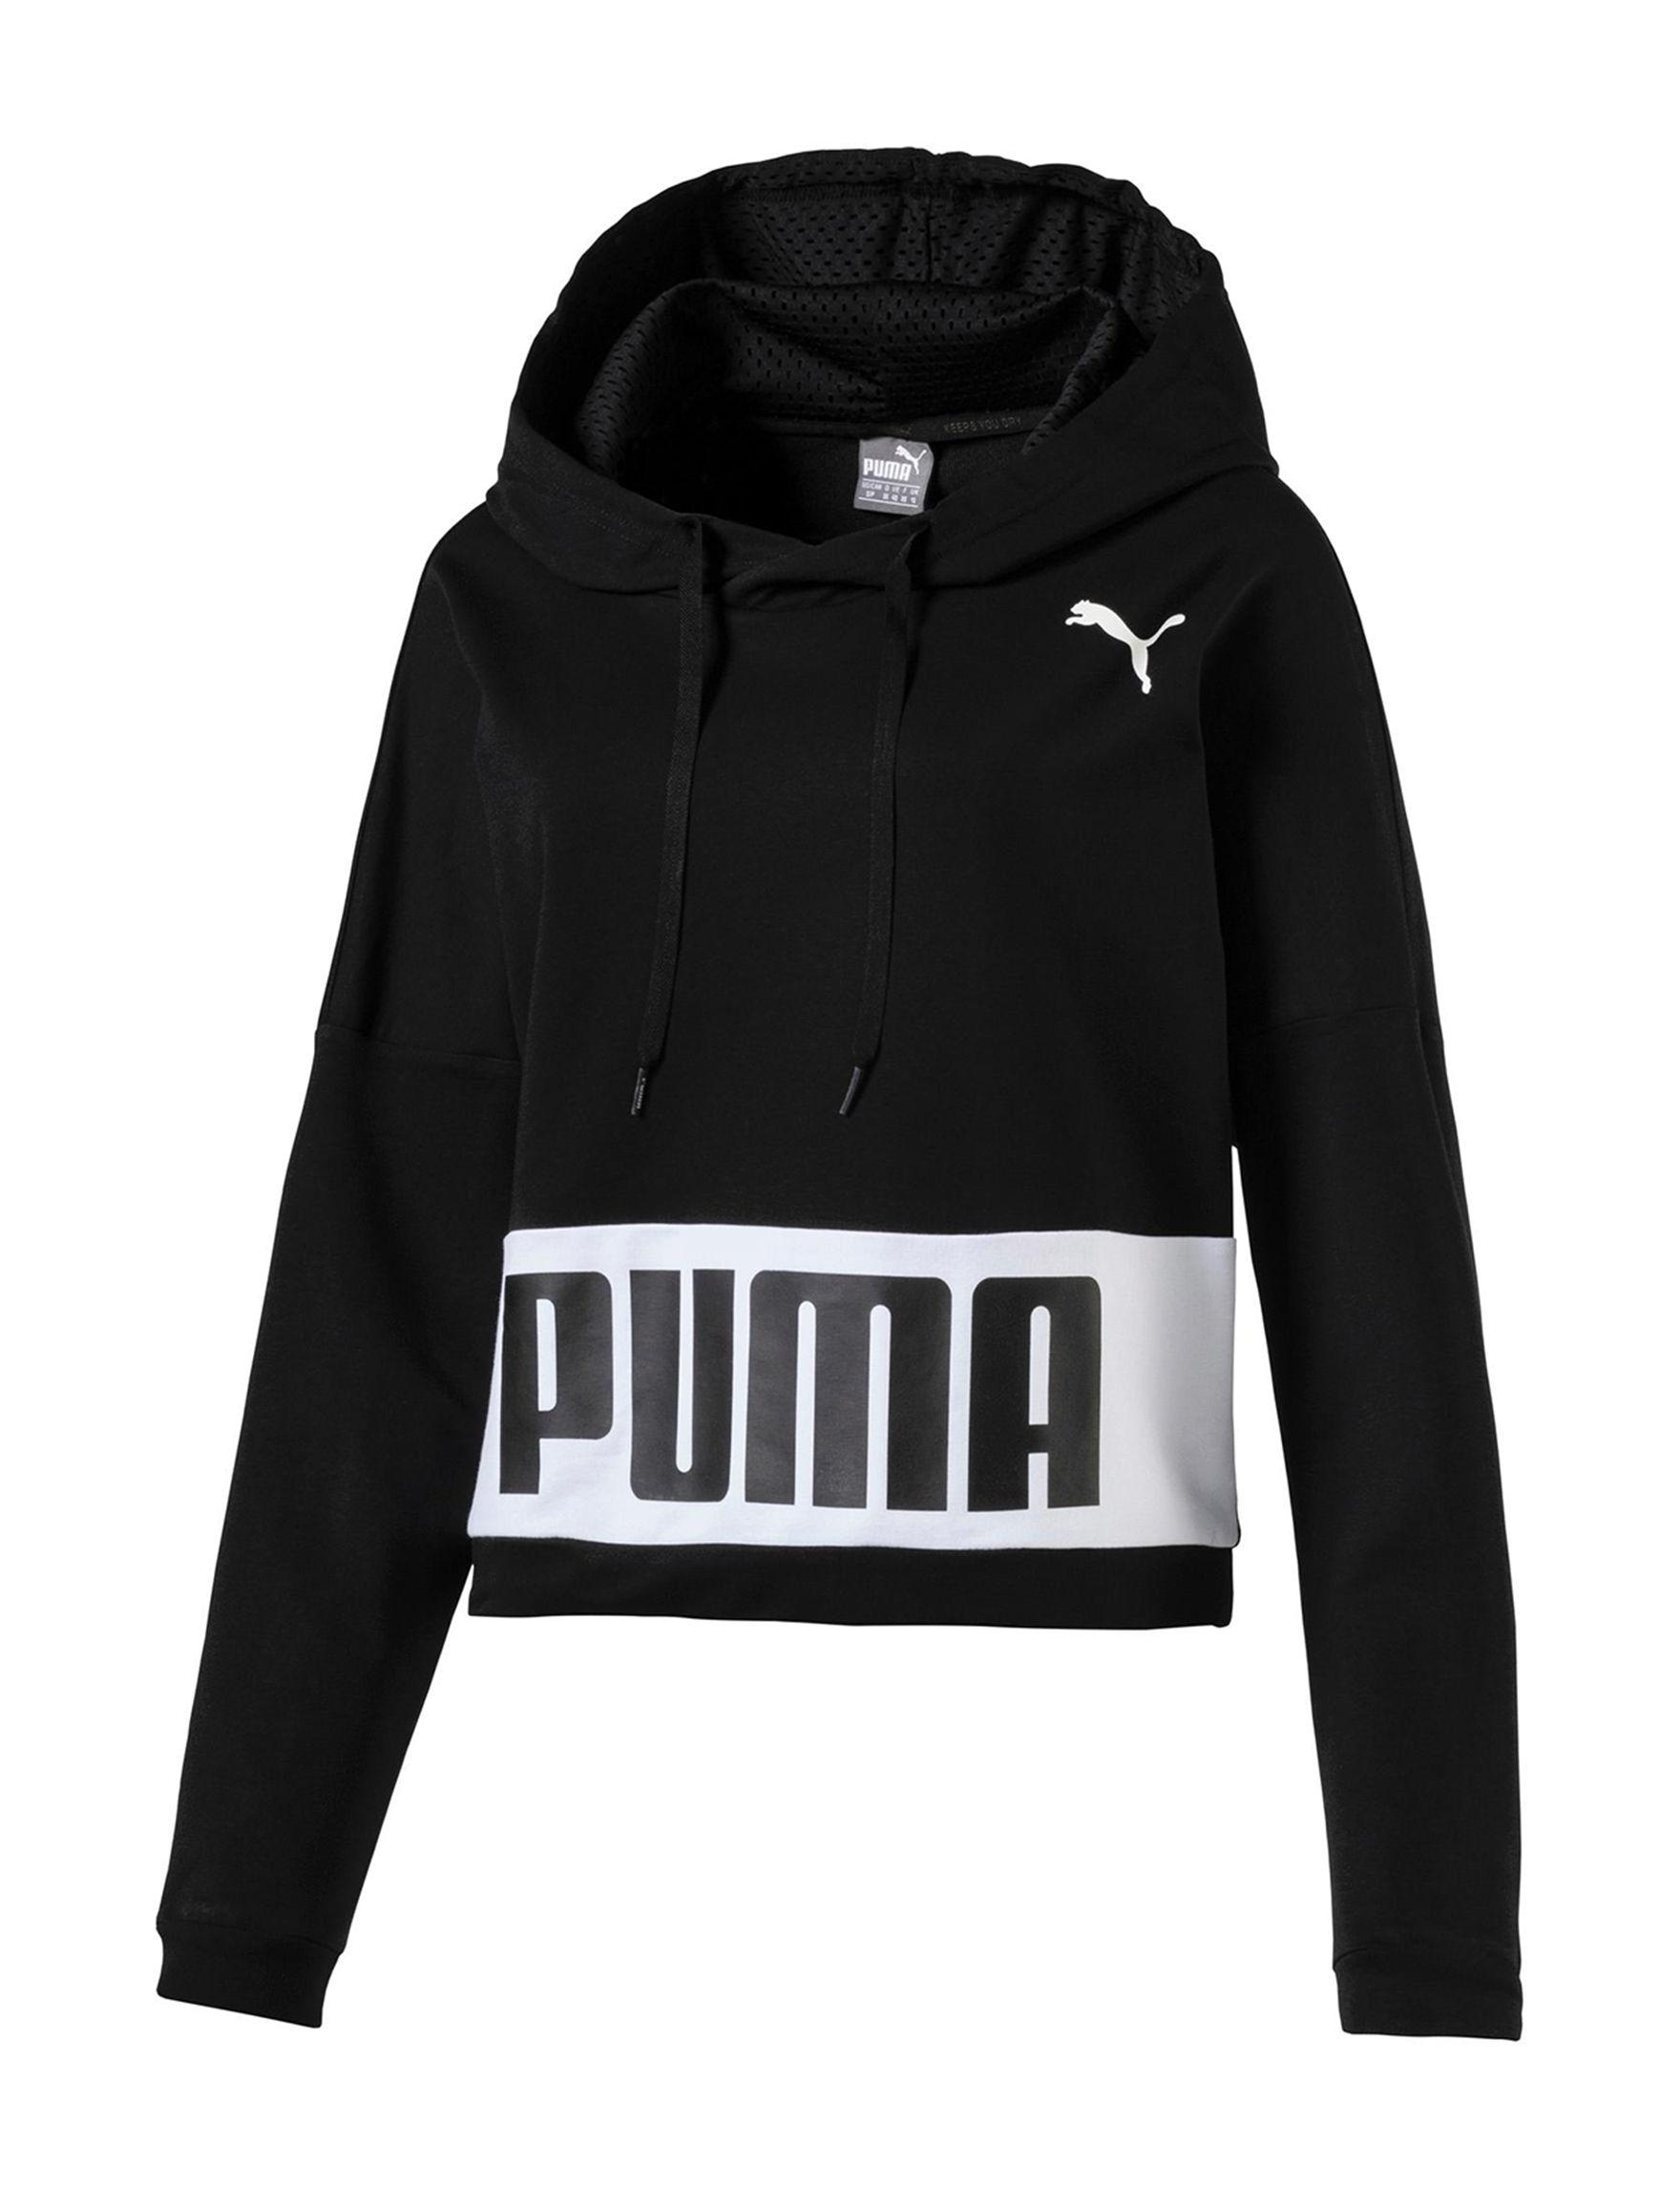 Puma Black Pull-overs